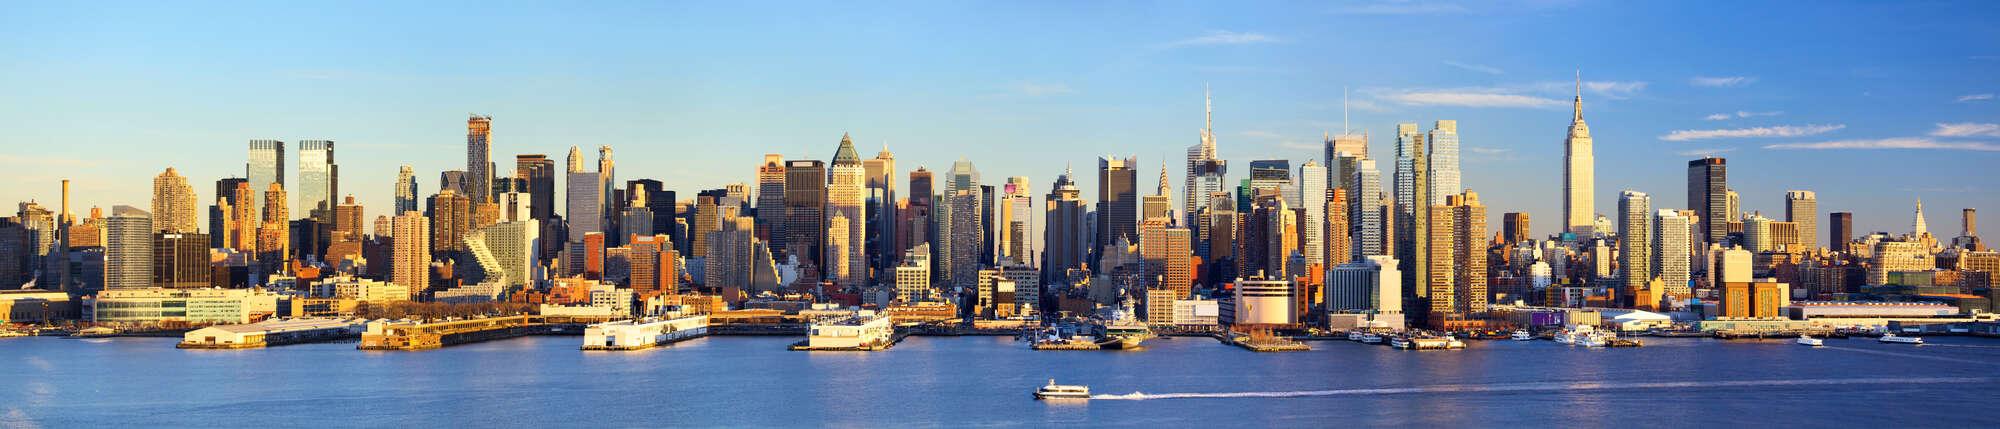 new york set fra vandet